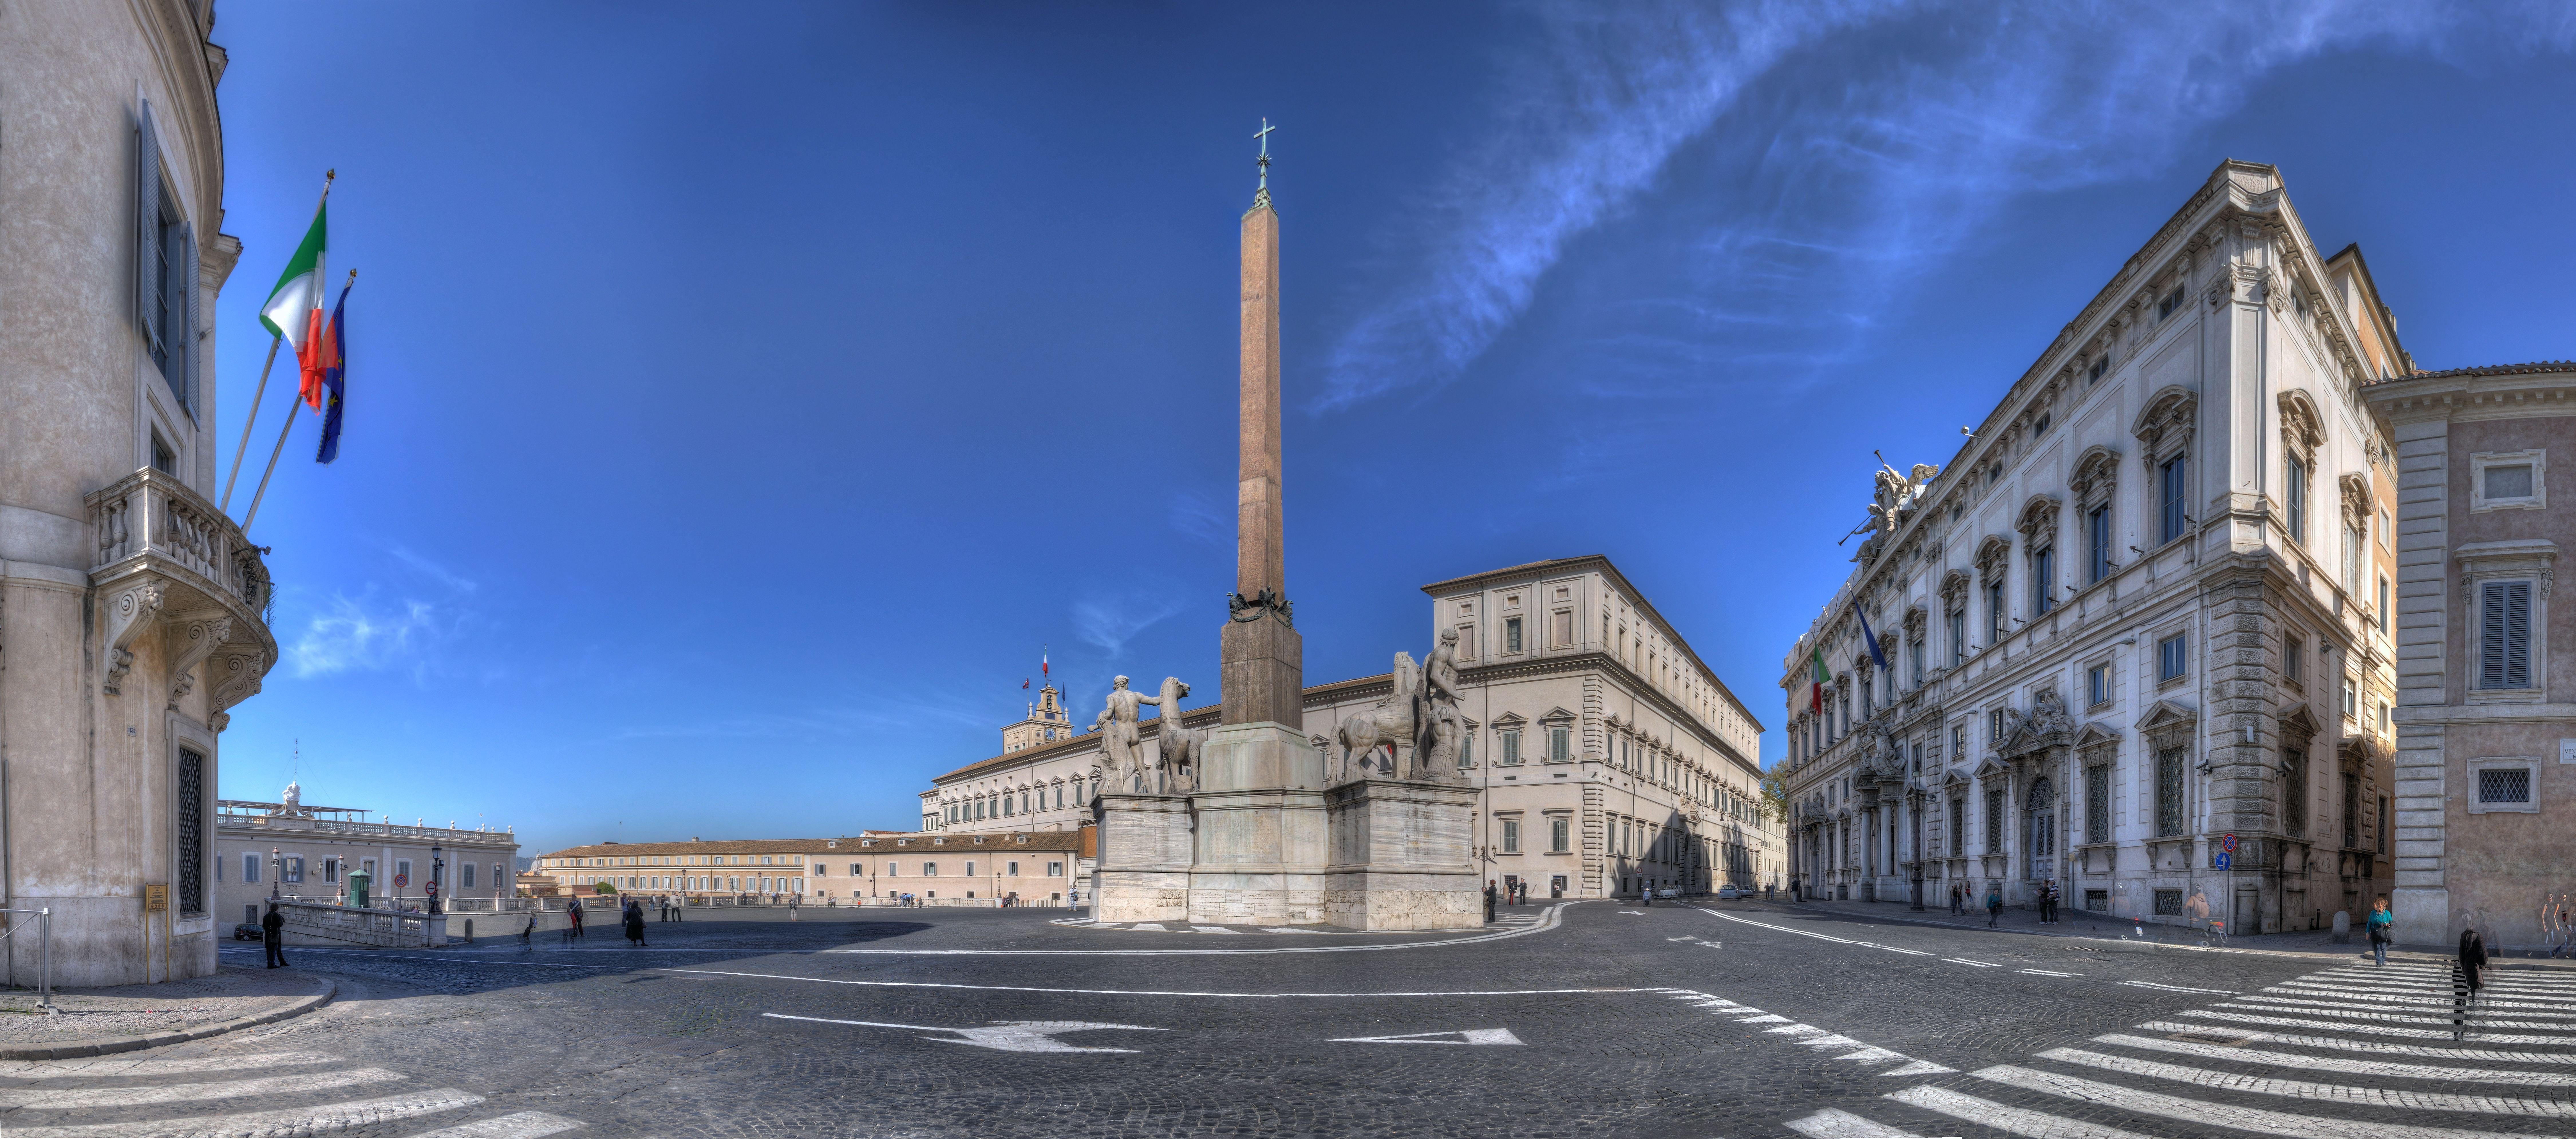 Piazza del Quirinale, Rome, Italy